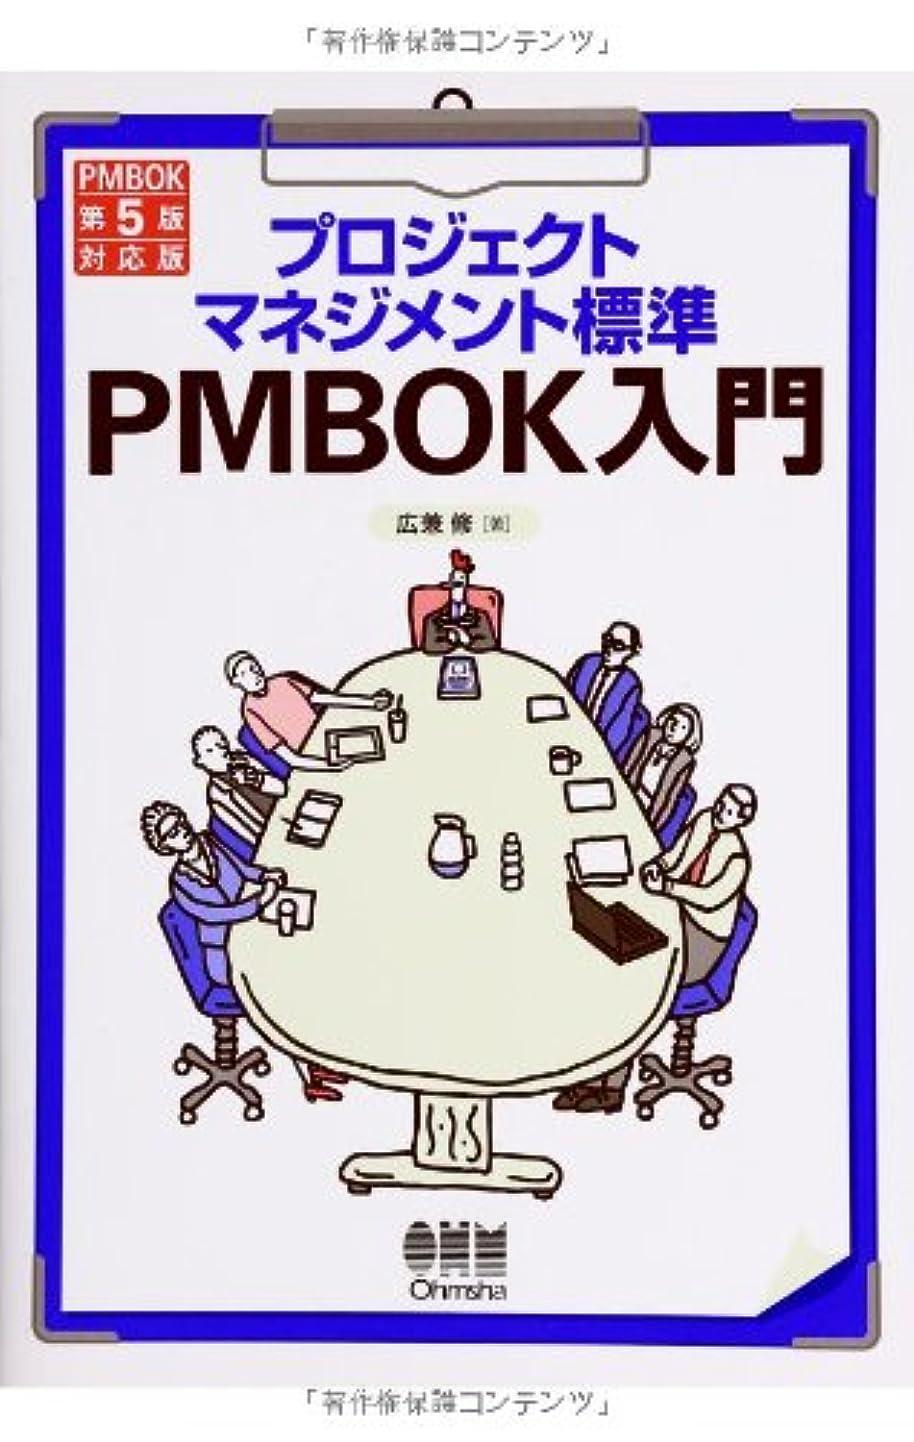 リダクターブロックする締めるプロジェクトマネジメント標準 PMBOK入門 PMBOK第5版対応版